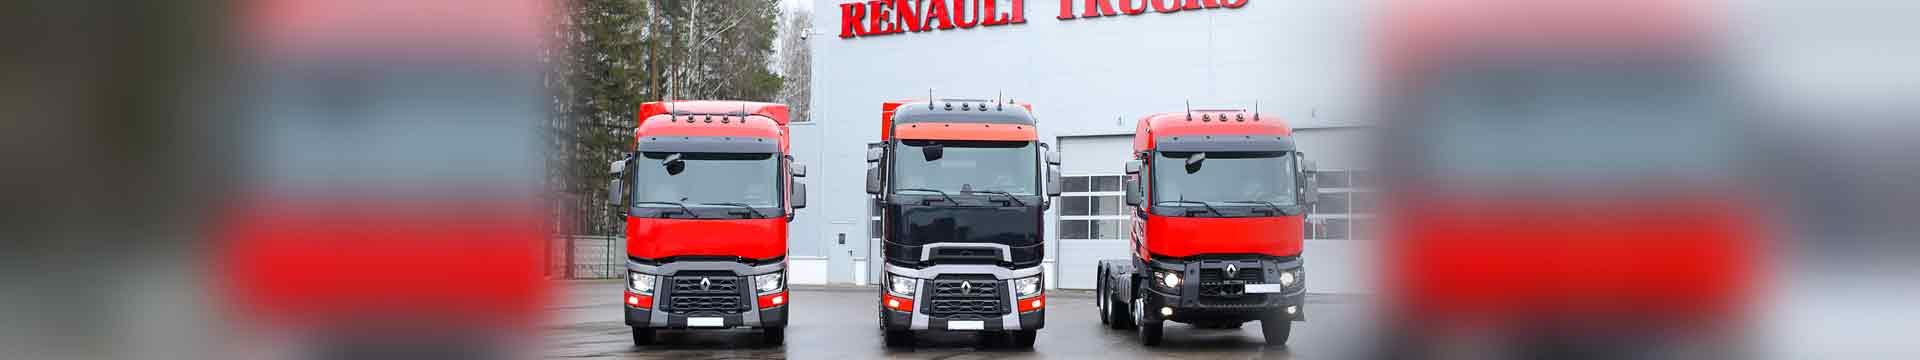 Картинки по запросу Renault Premium logo service